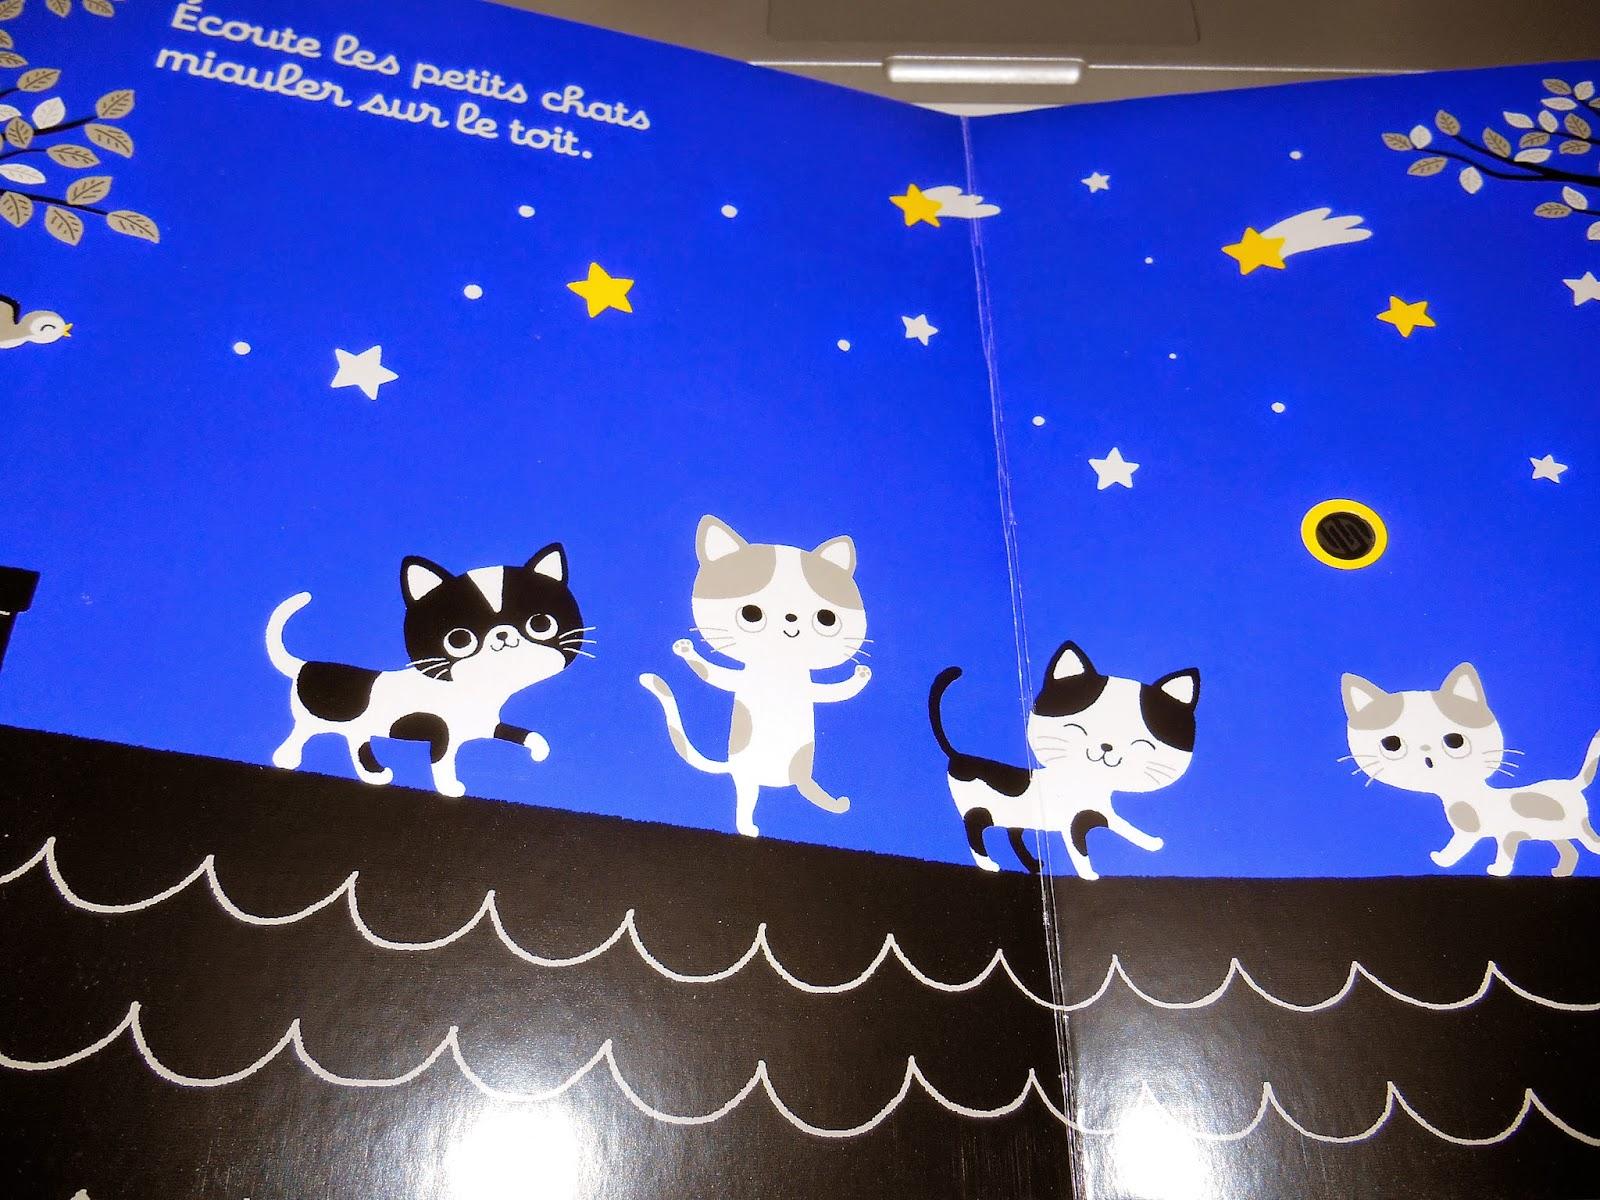 Sous le feuillage ecoute dans la nuit - Bruit qui attire les chats ...